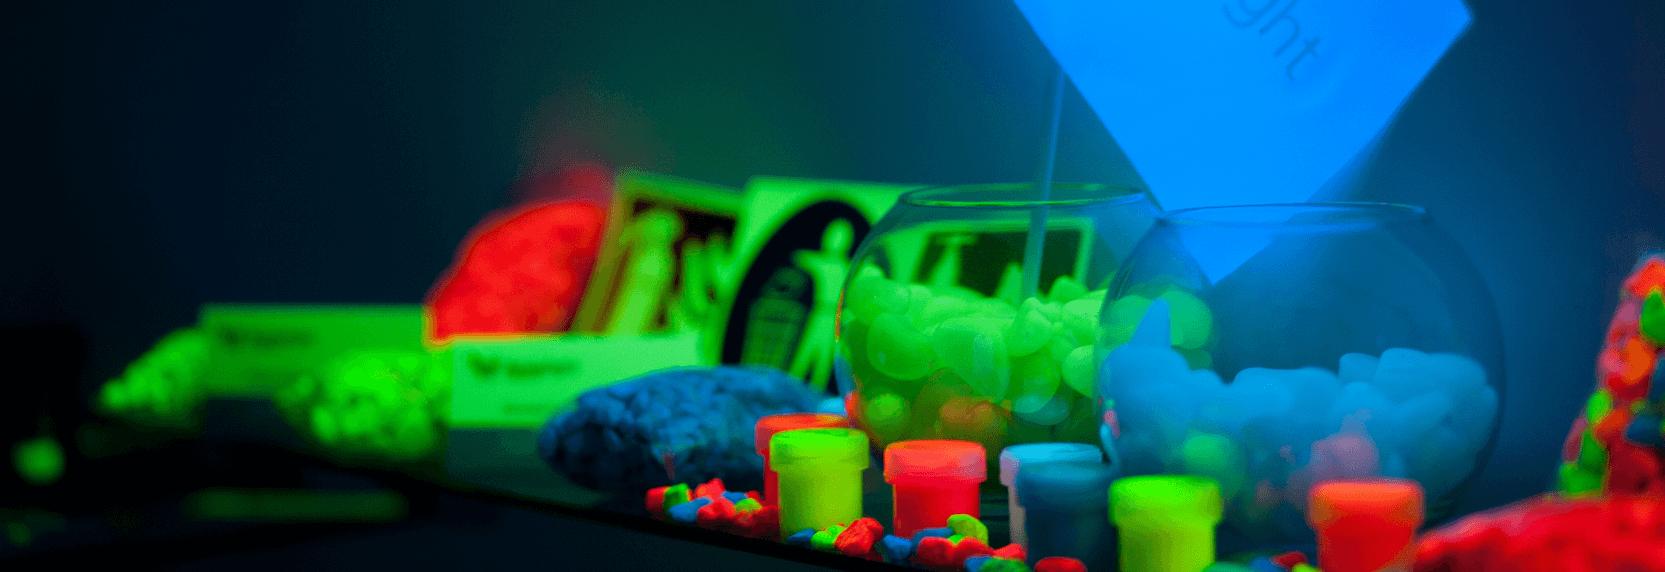 Секрет свечения окрашенных поверхностей